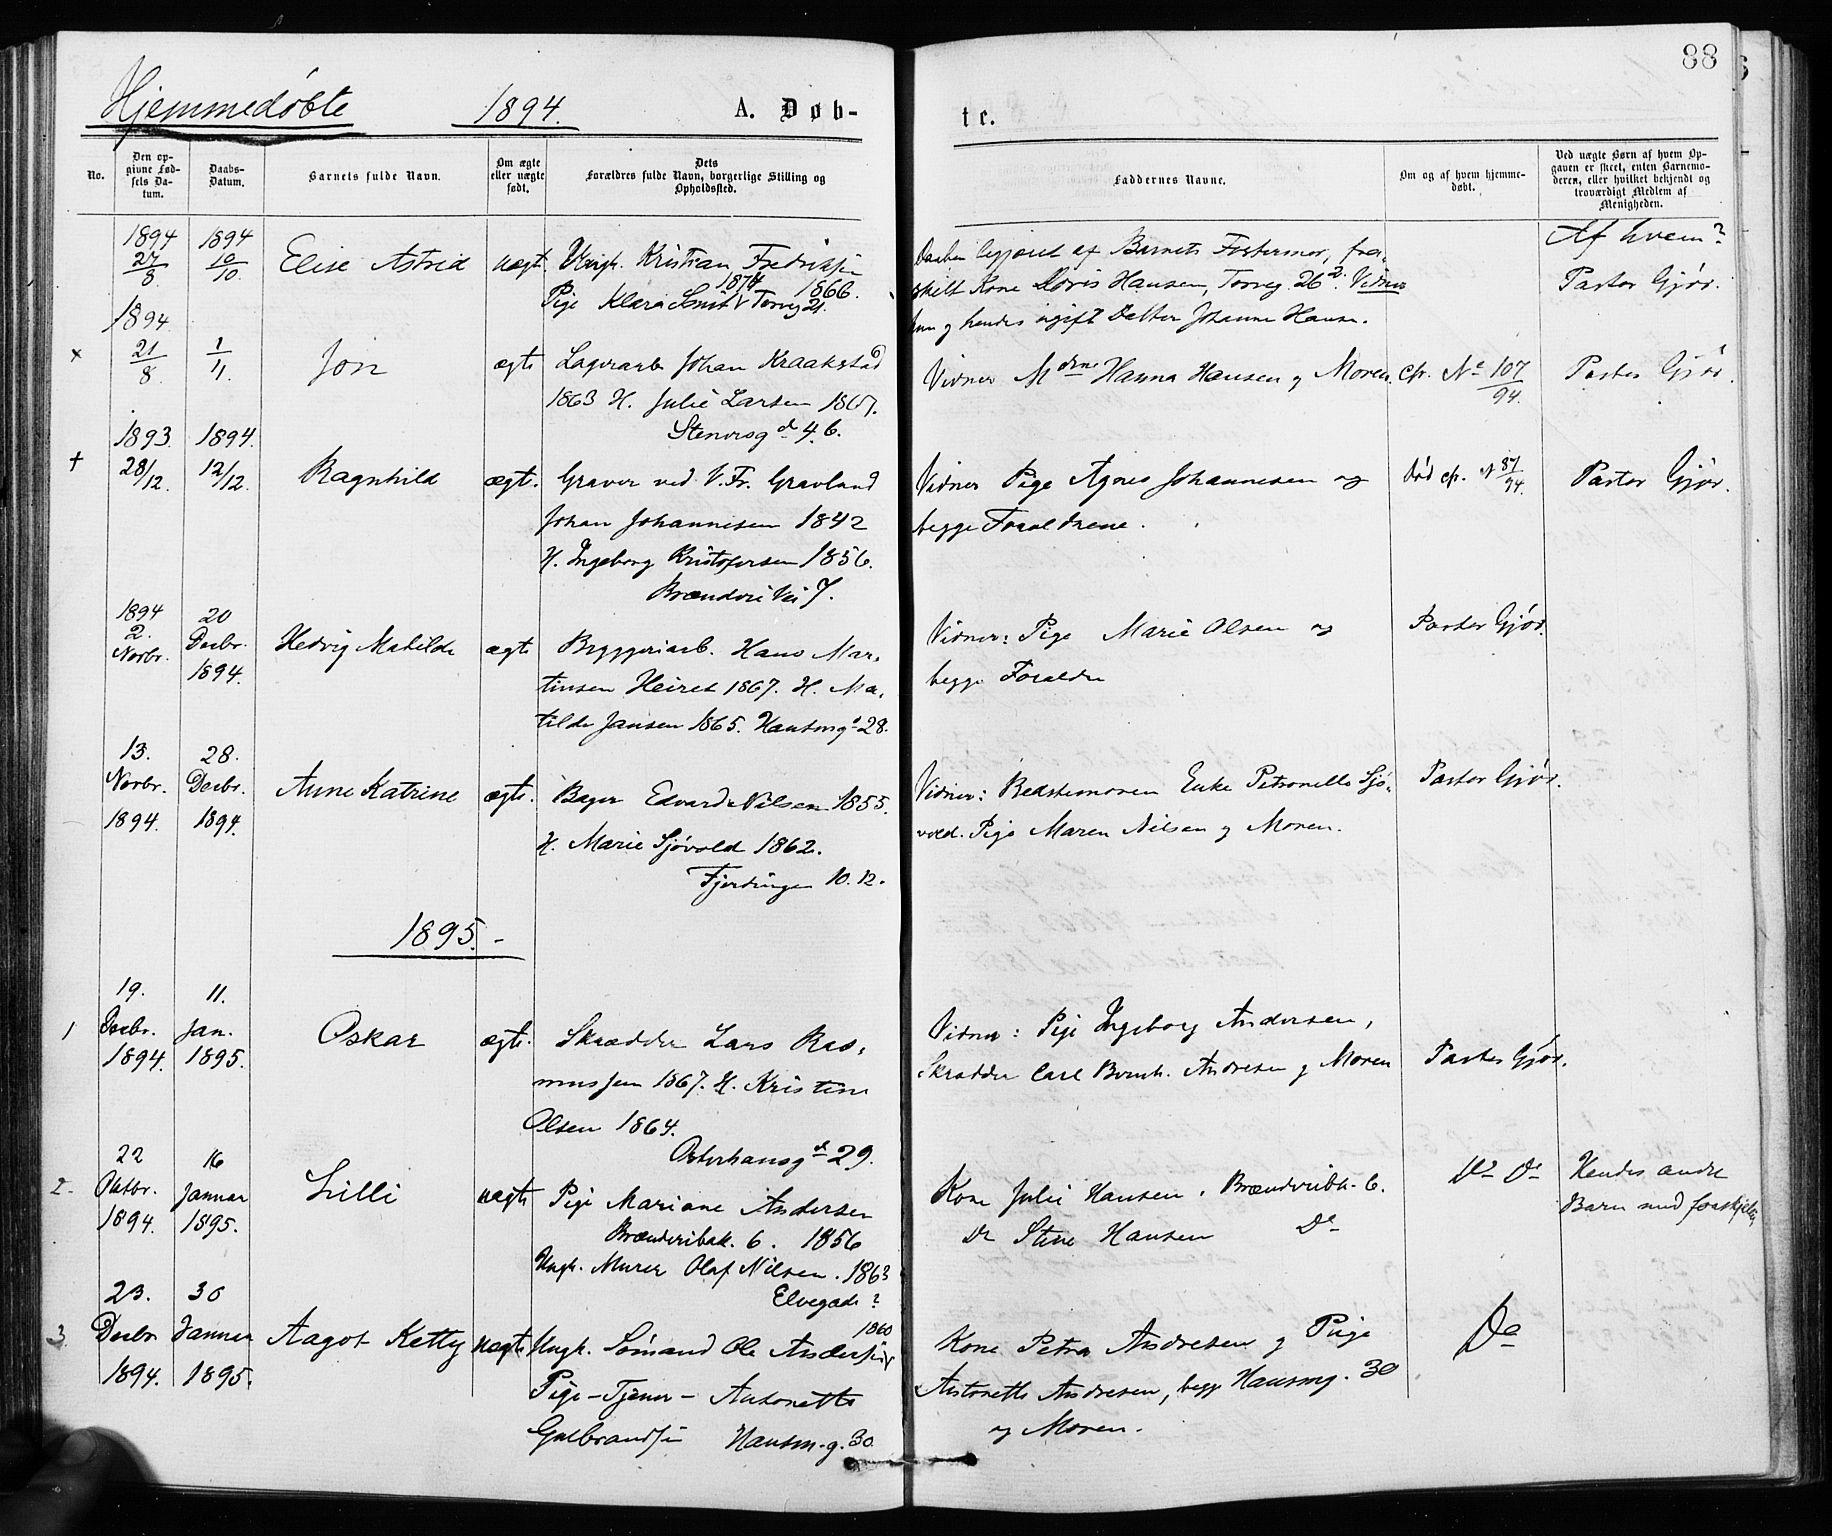 SAO, Jakob prestekontor Kirkebøker, F/Fa/L0001: Ministerialbok nr. 1, 1875-1924, s. 88